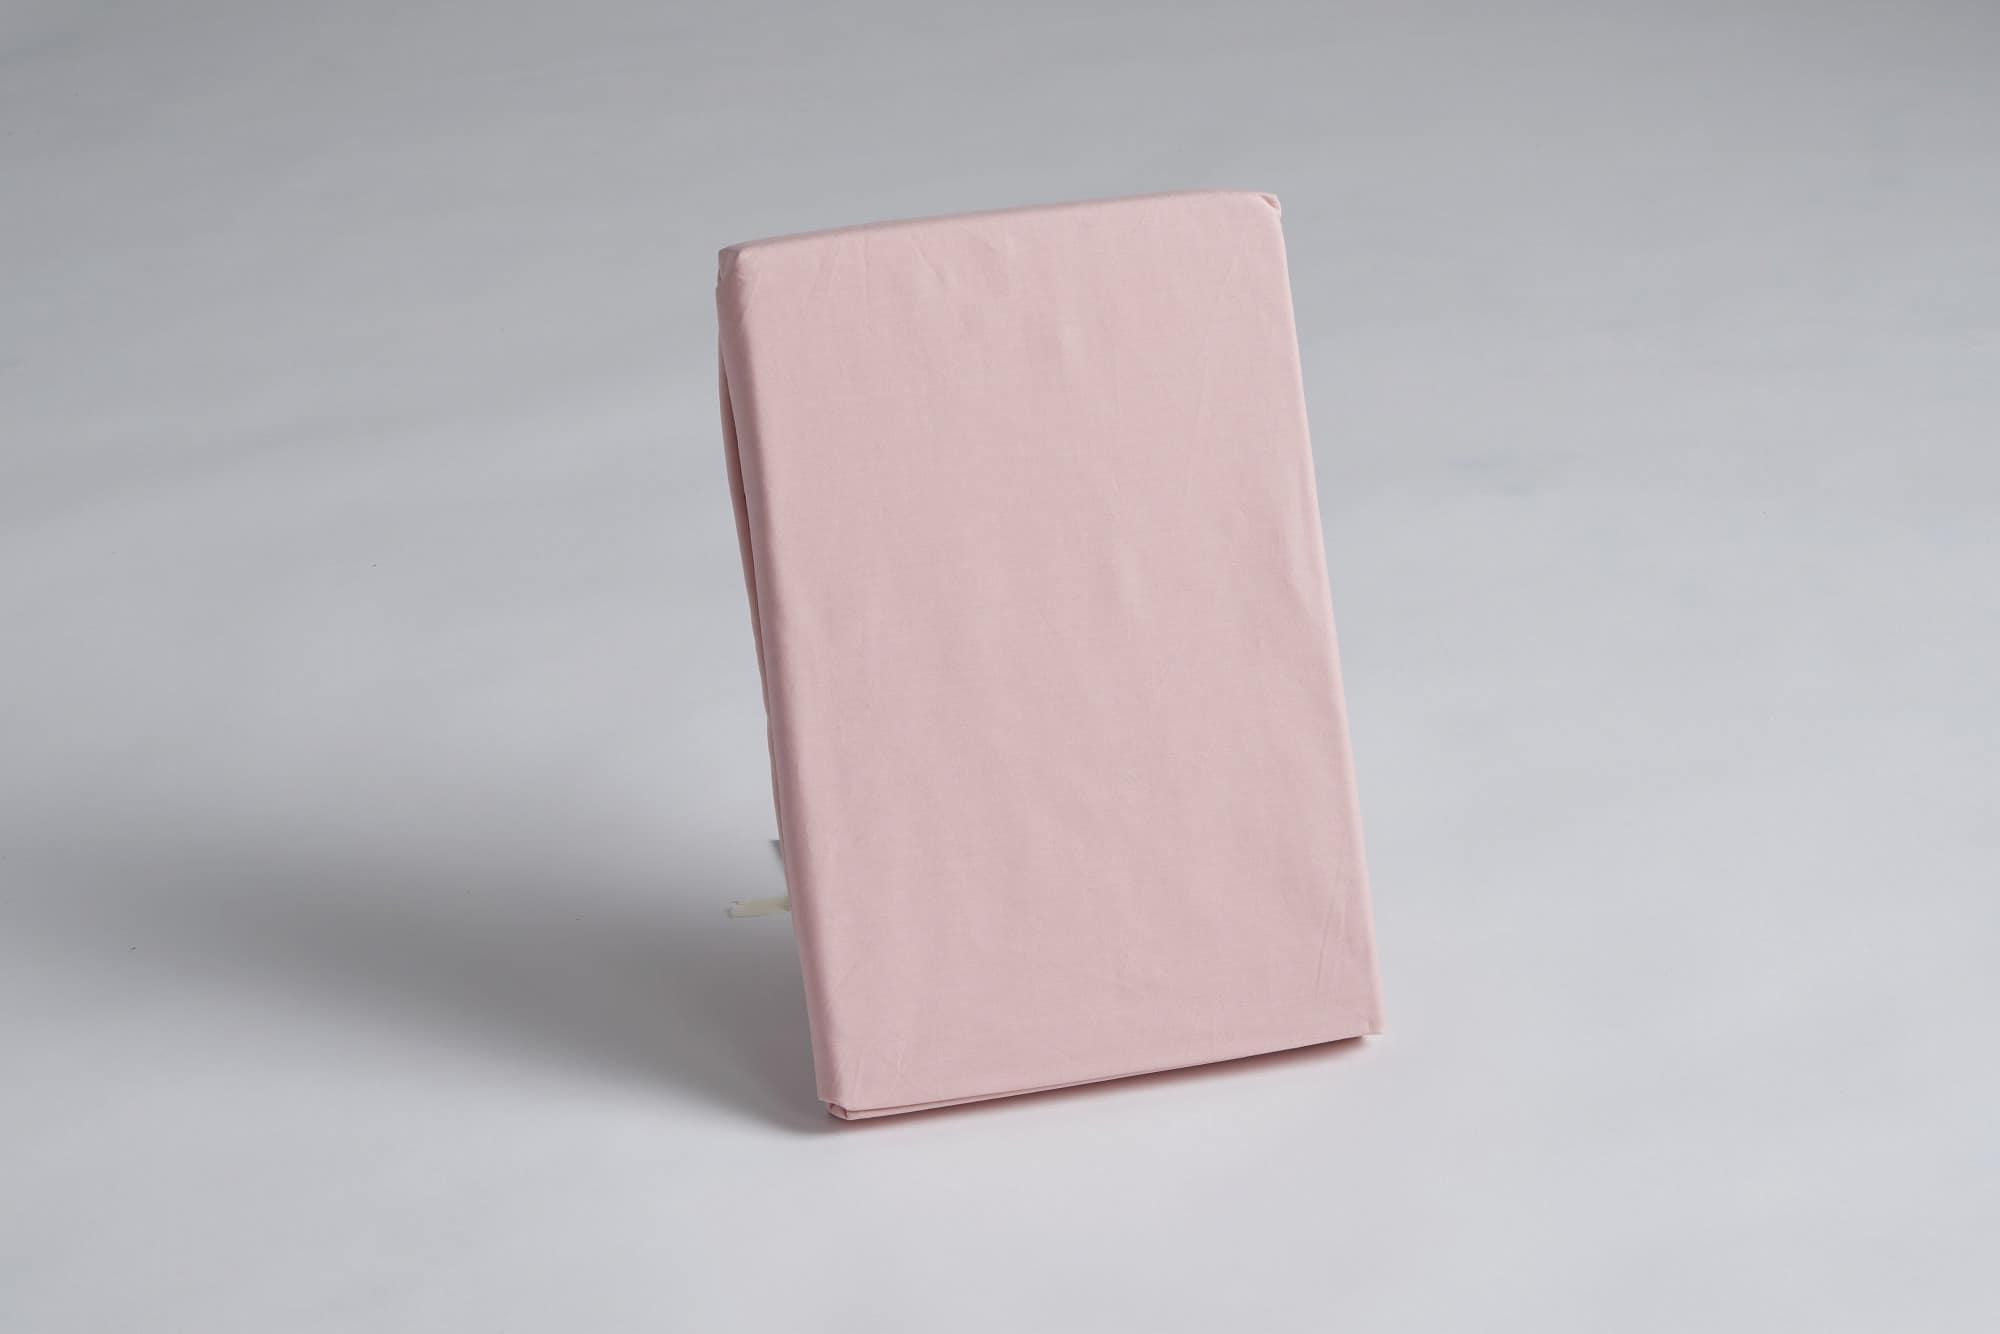 ボックスシーツ クイーン1用 30H ピンク:《綿100%を使用したボックスシーツ》